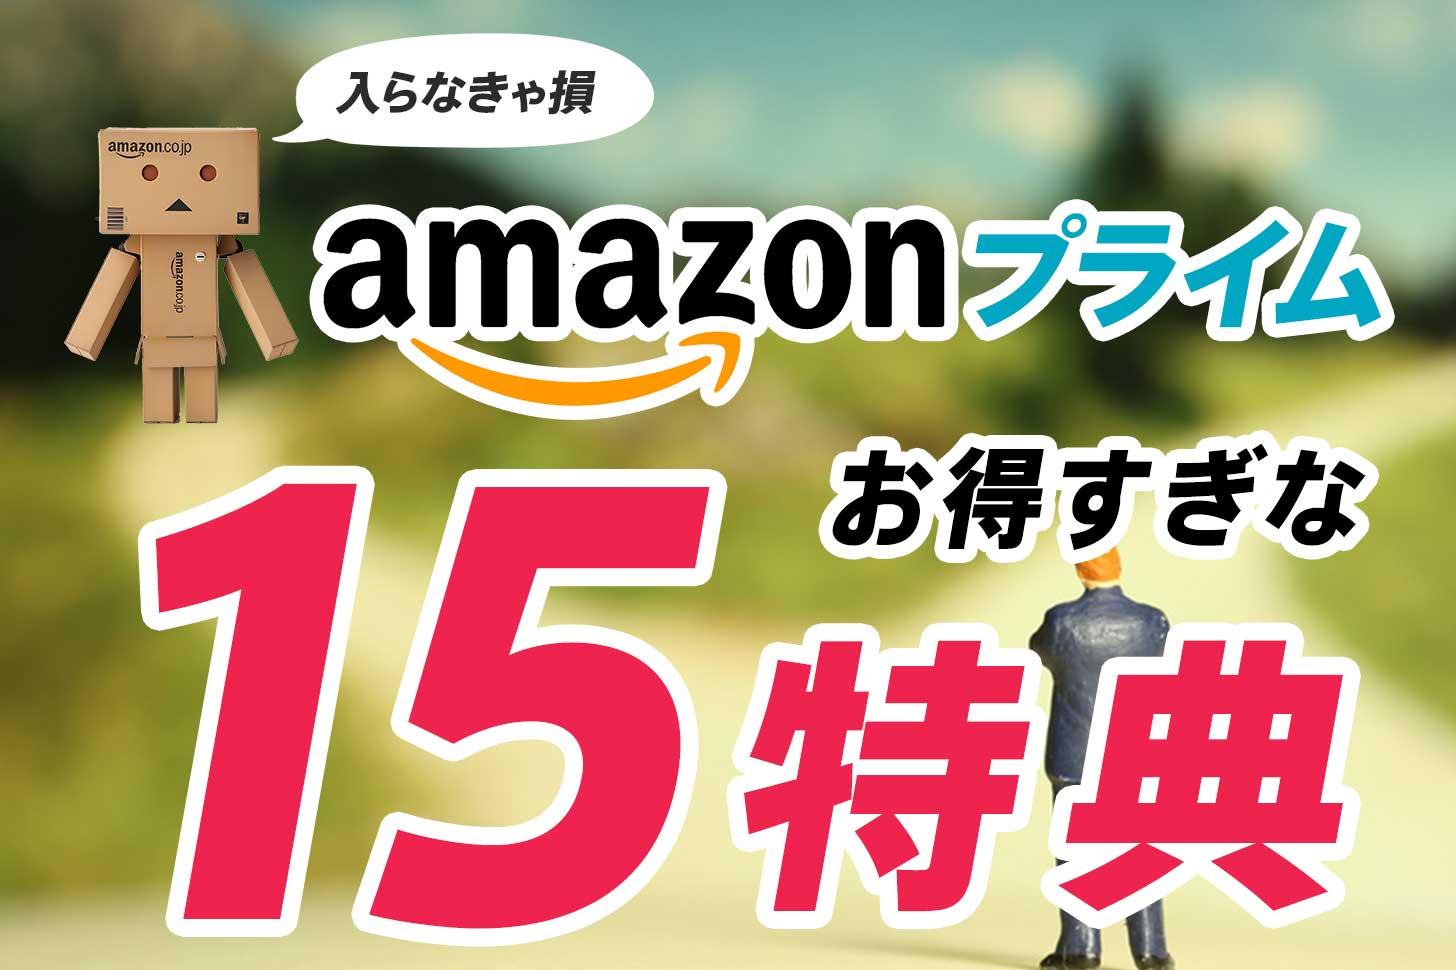 AmazonPrime 23